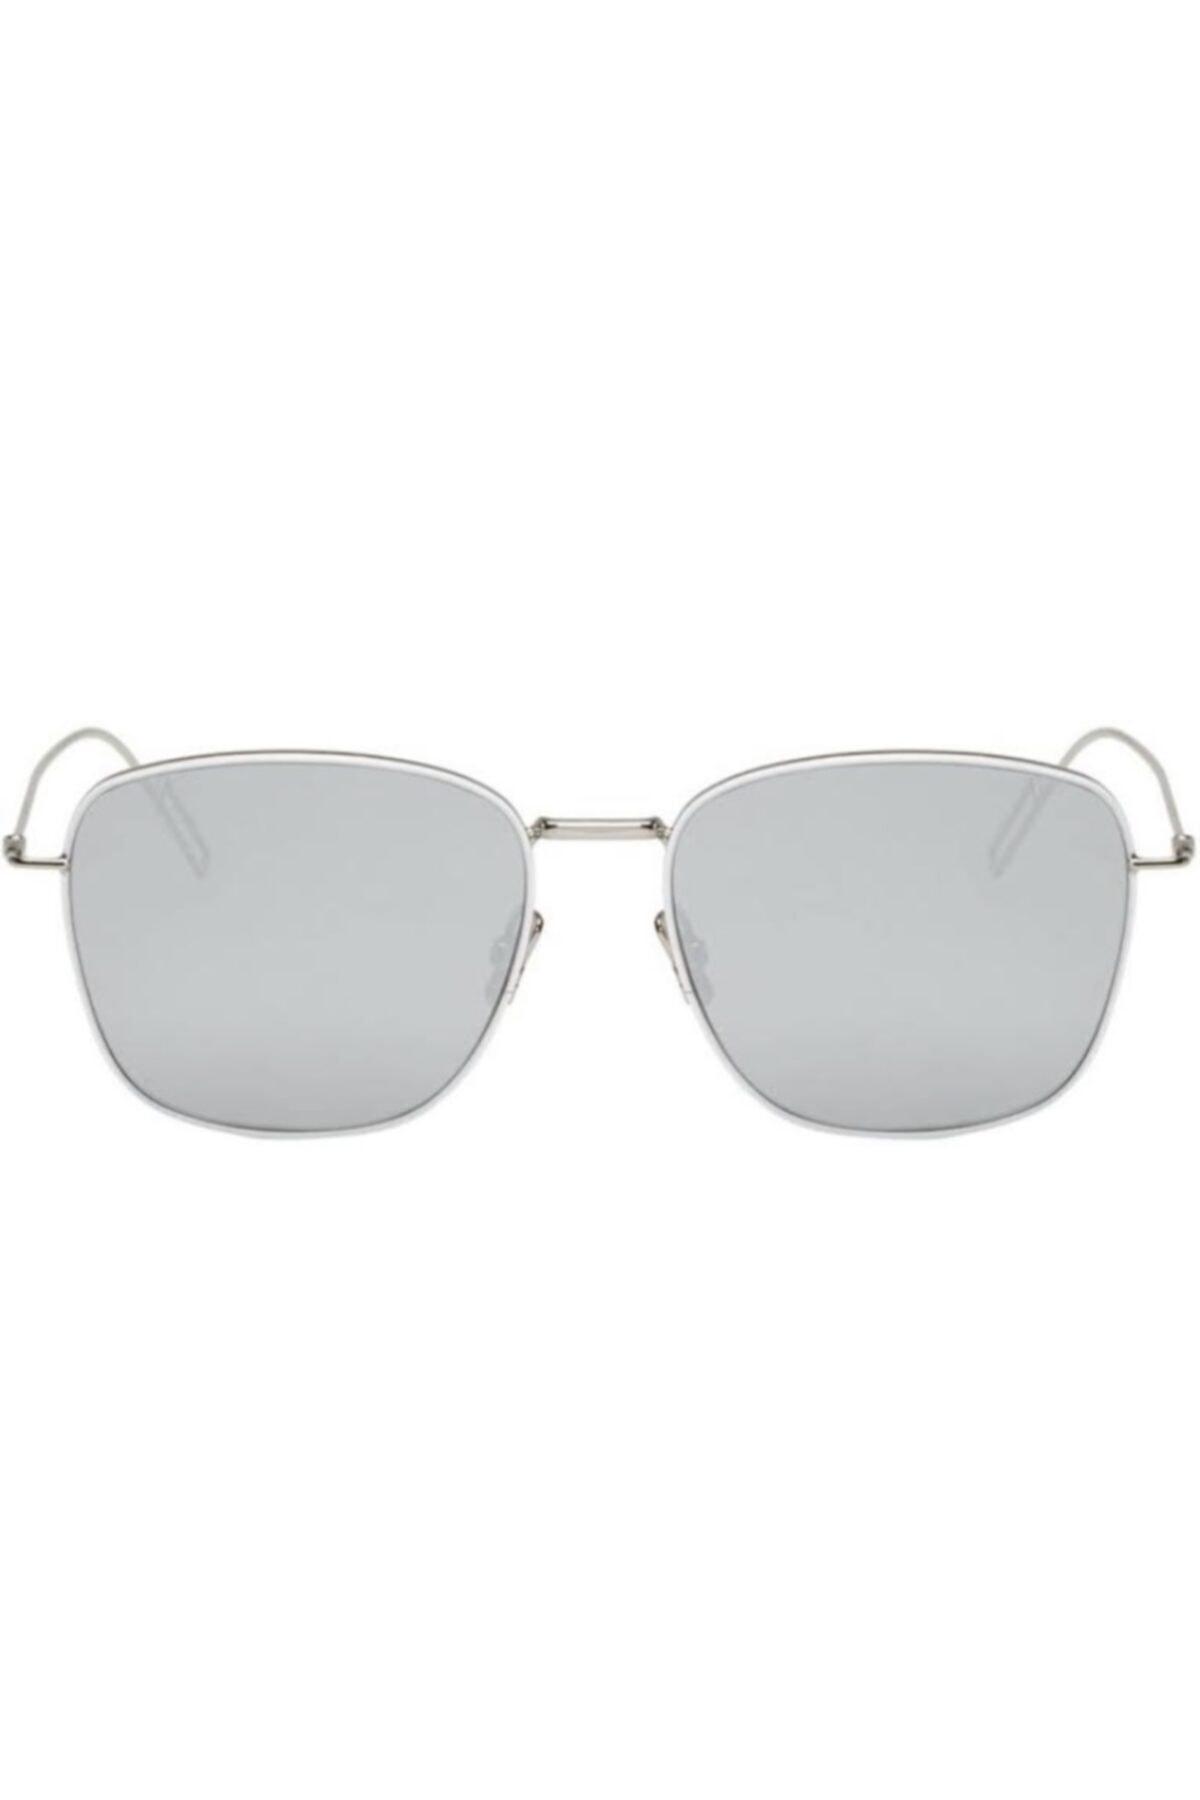 خرید عینک دودی غیرحضوری برند Dior رنگ طلایی ty50376365